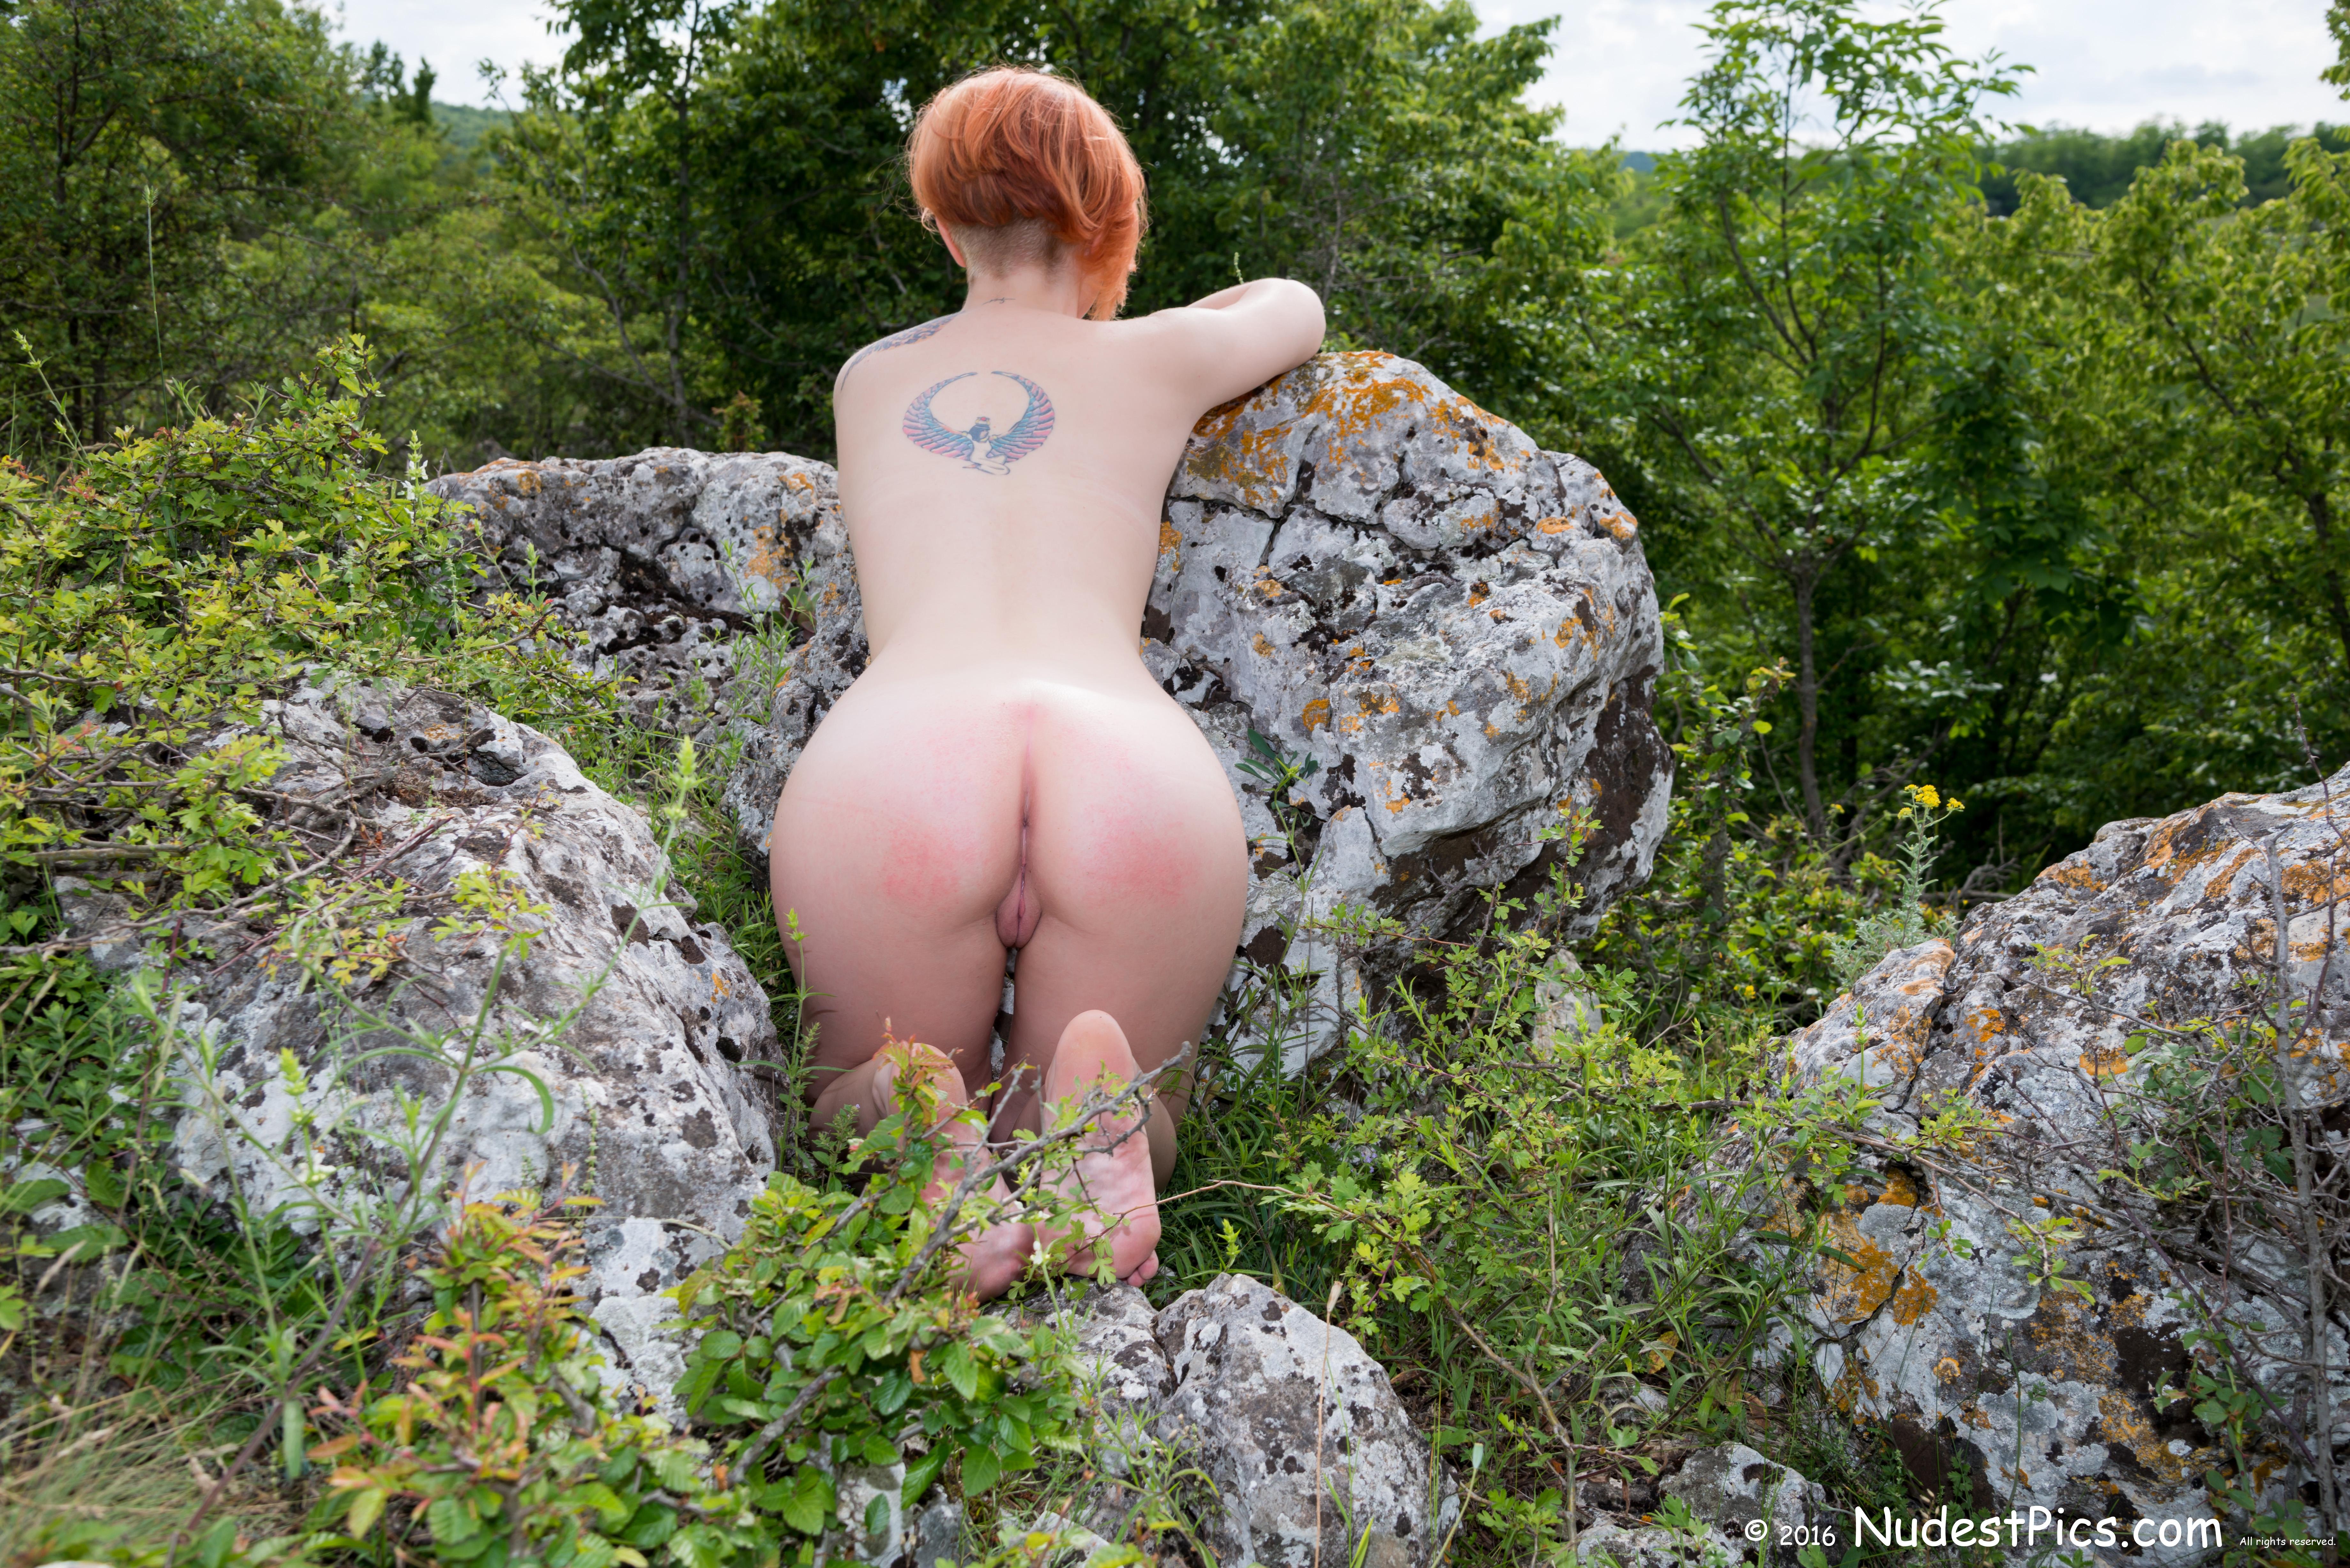 Naked Ginger Girl Kneeling at the Rocks